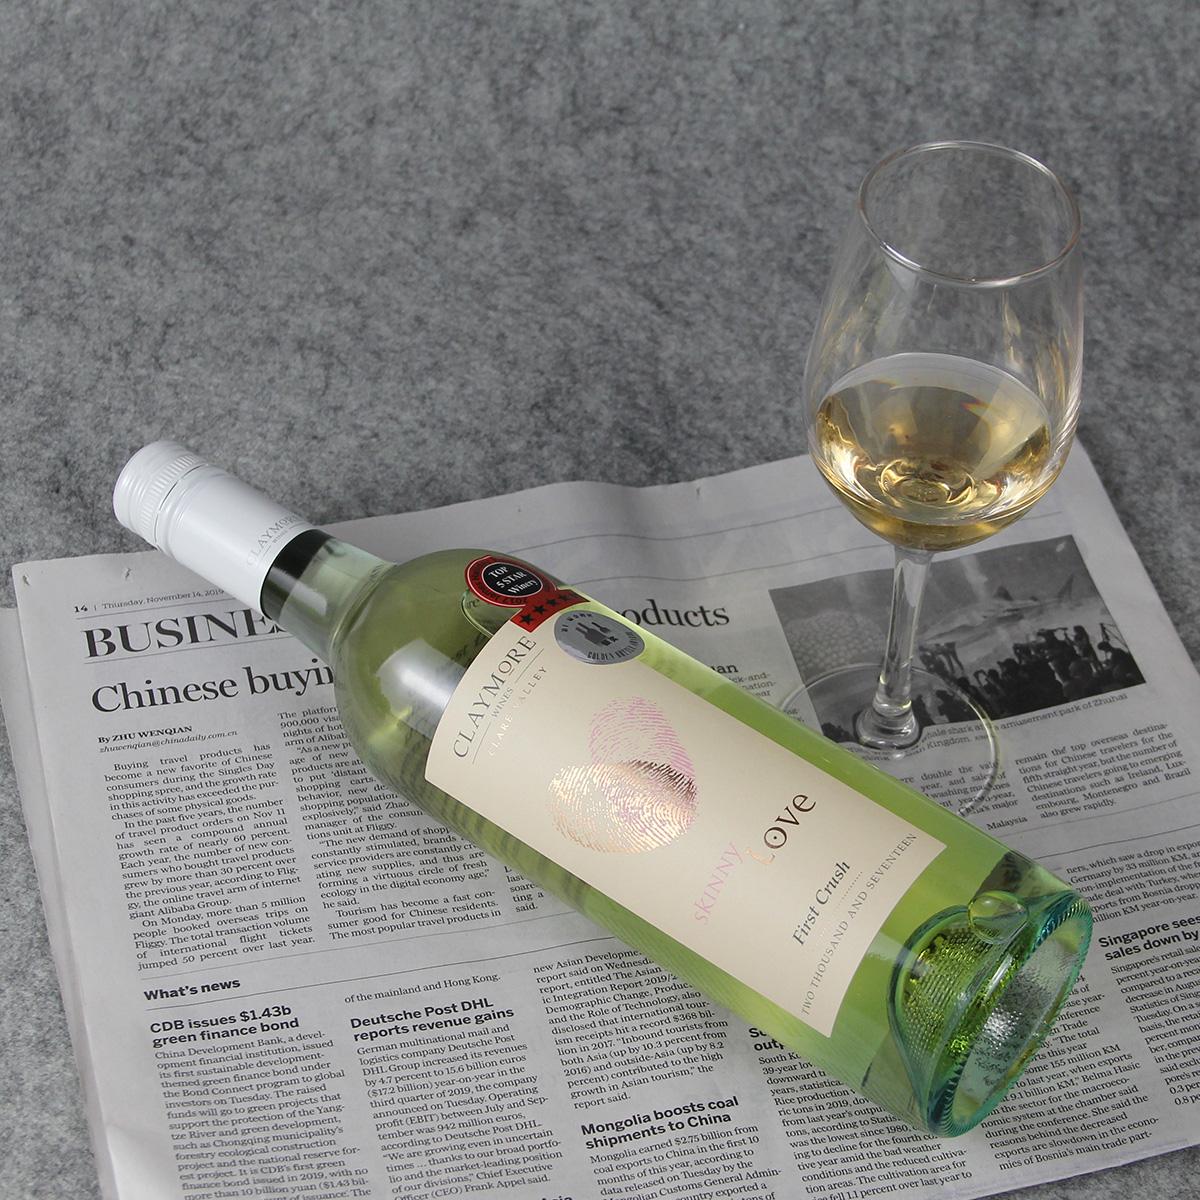 澳大利亚克莱尔谷趣摩酒庄维欧尼初恋半甜白葡萄酒